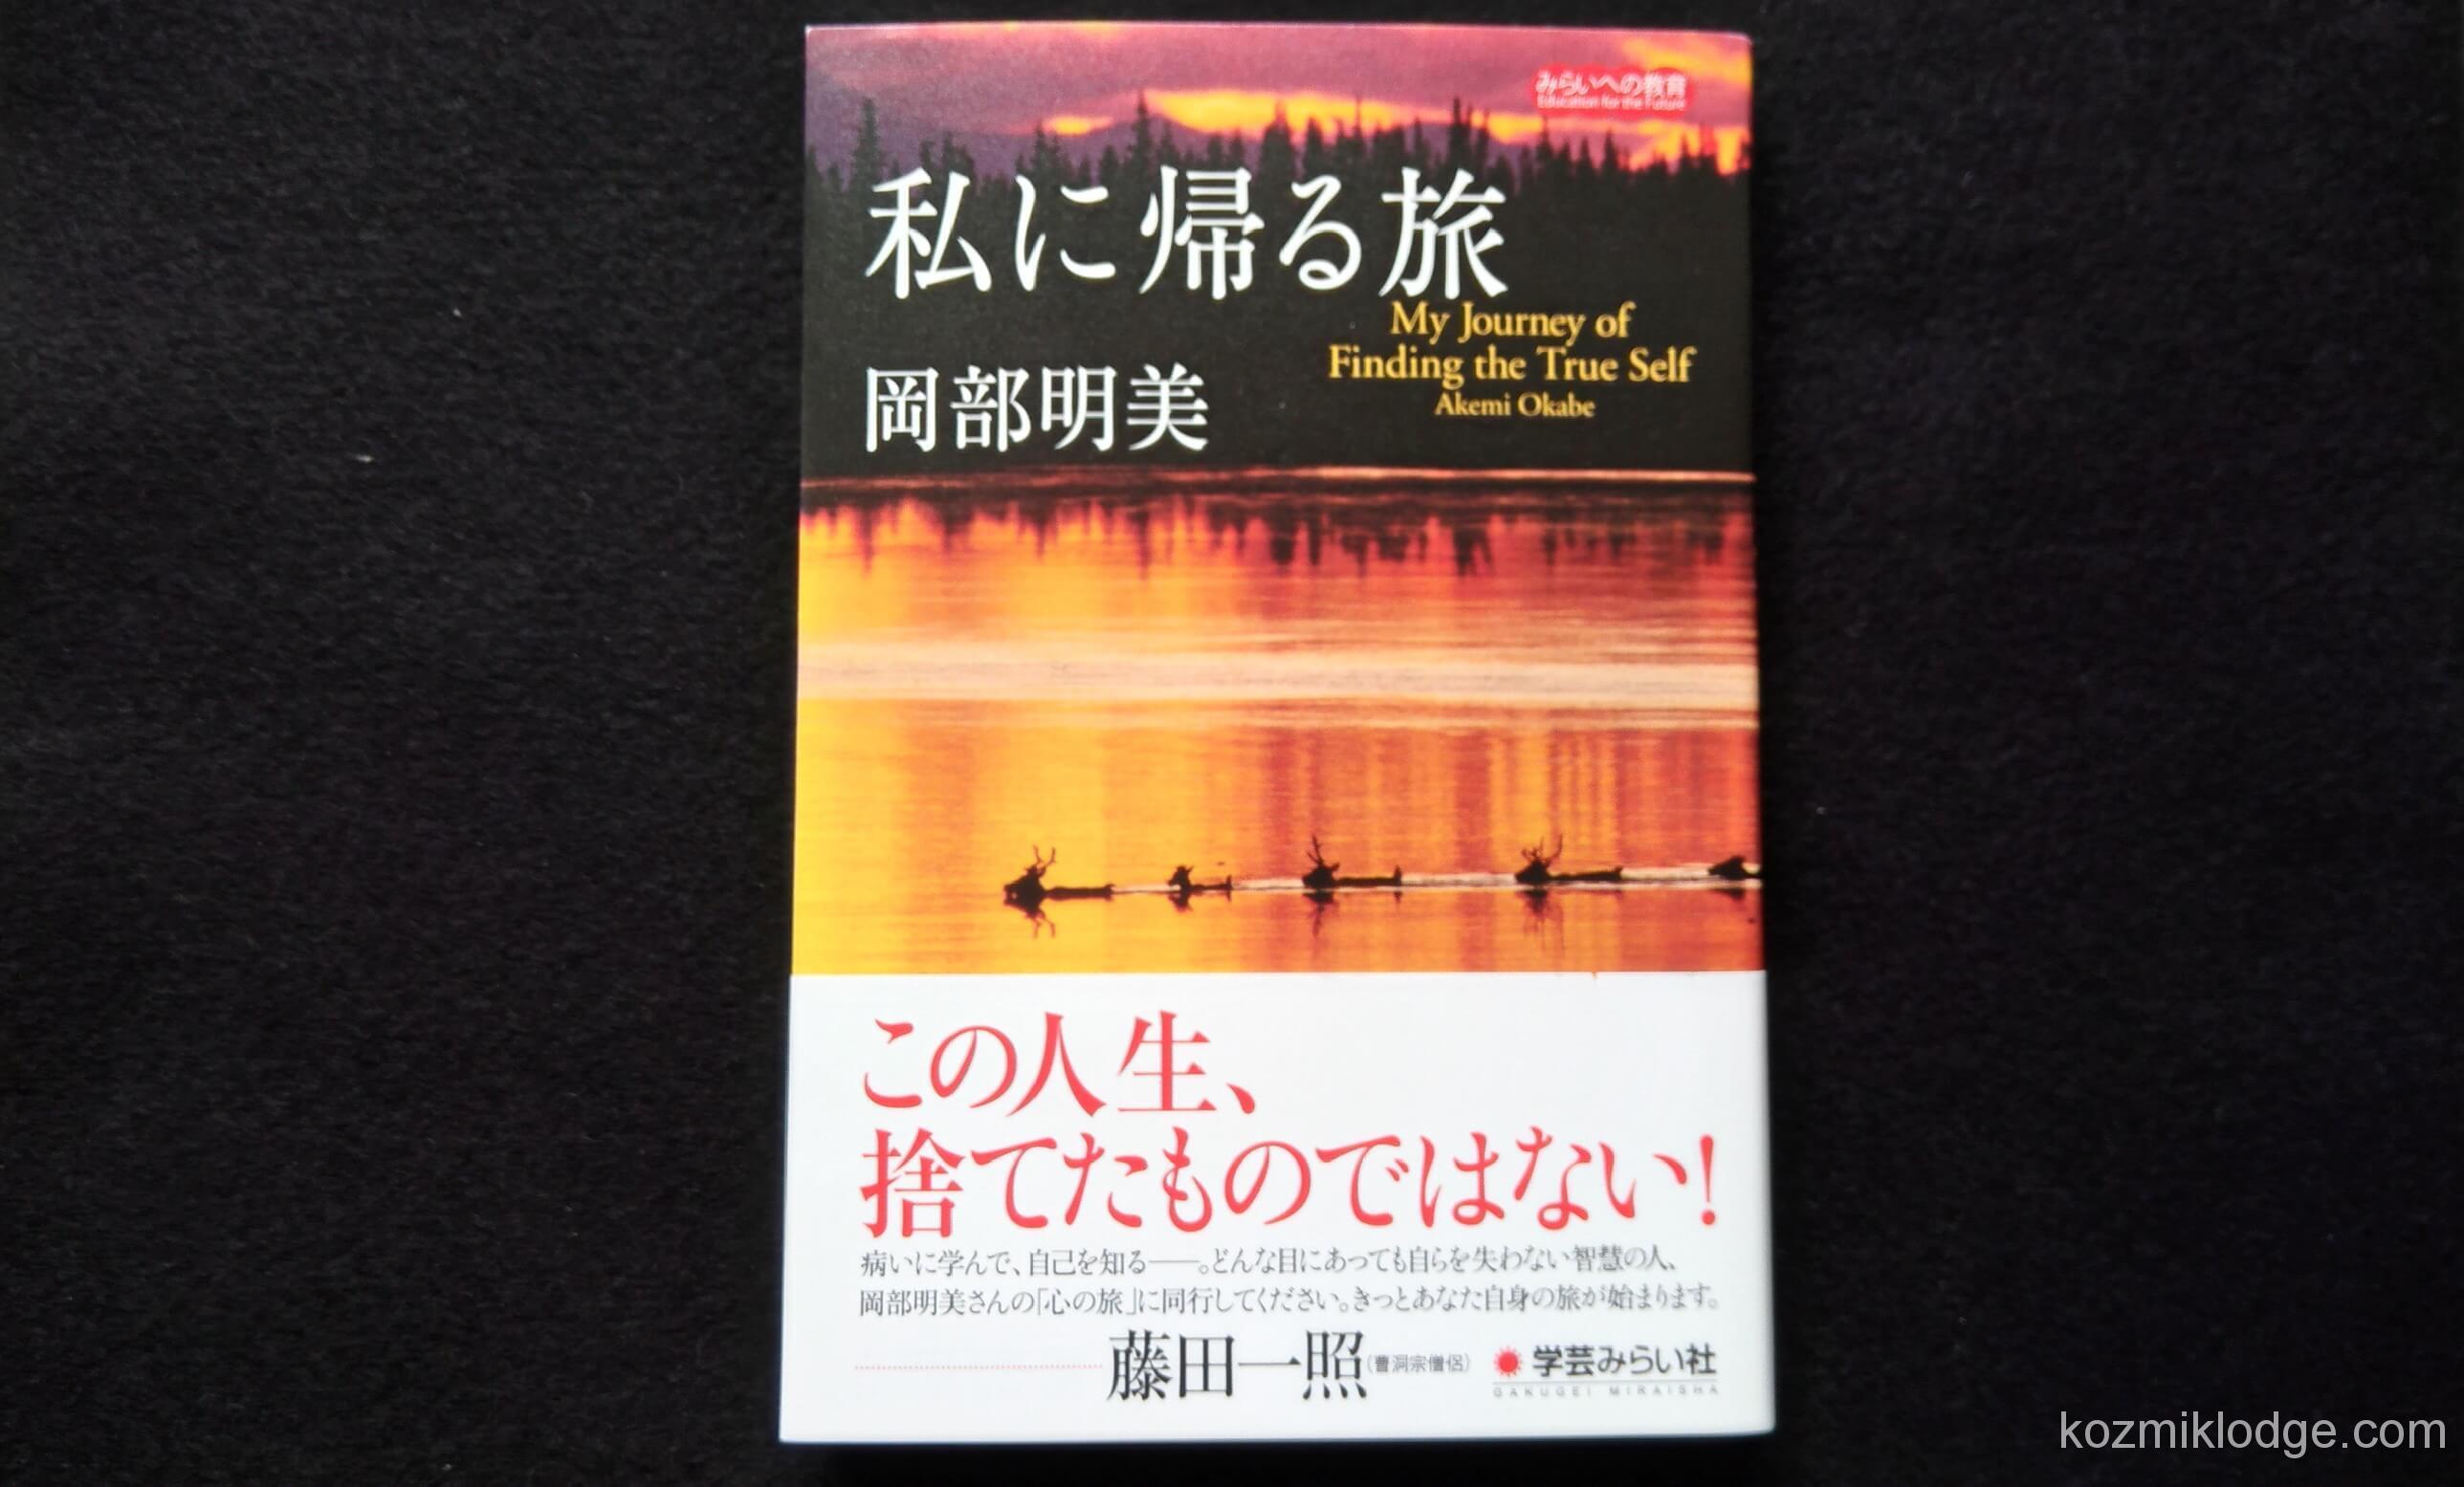 【読後感想】岡部明美さん 著「私に帰る旅」